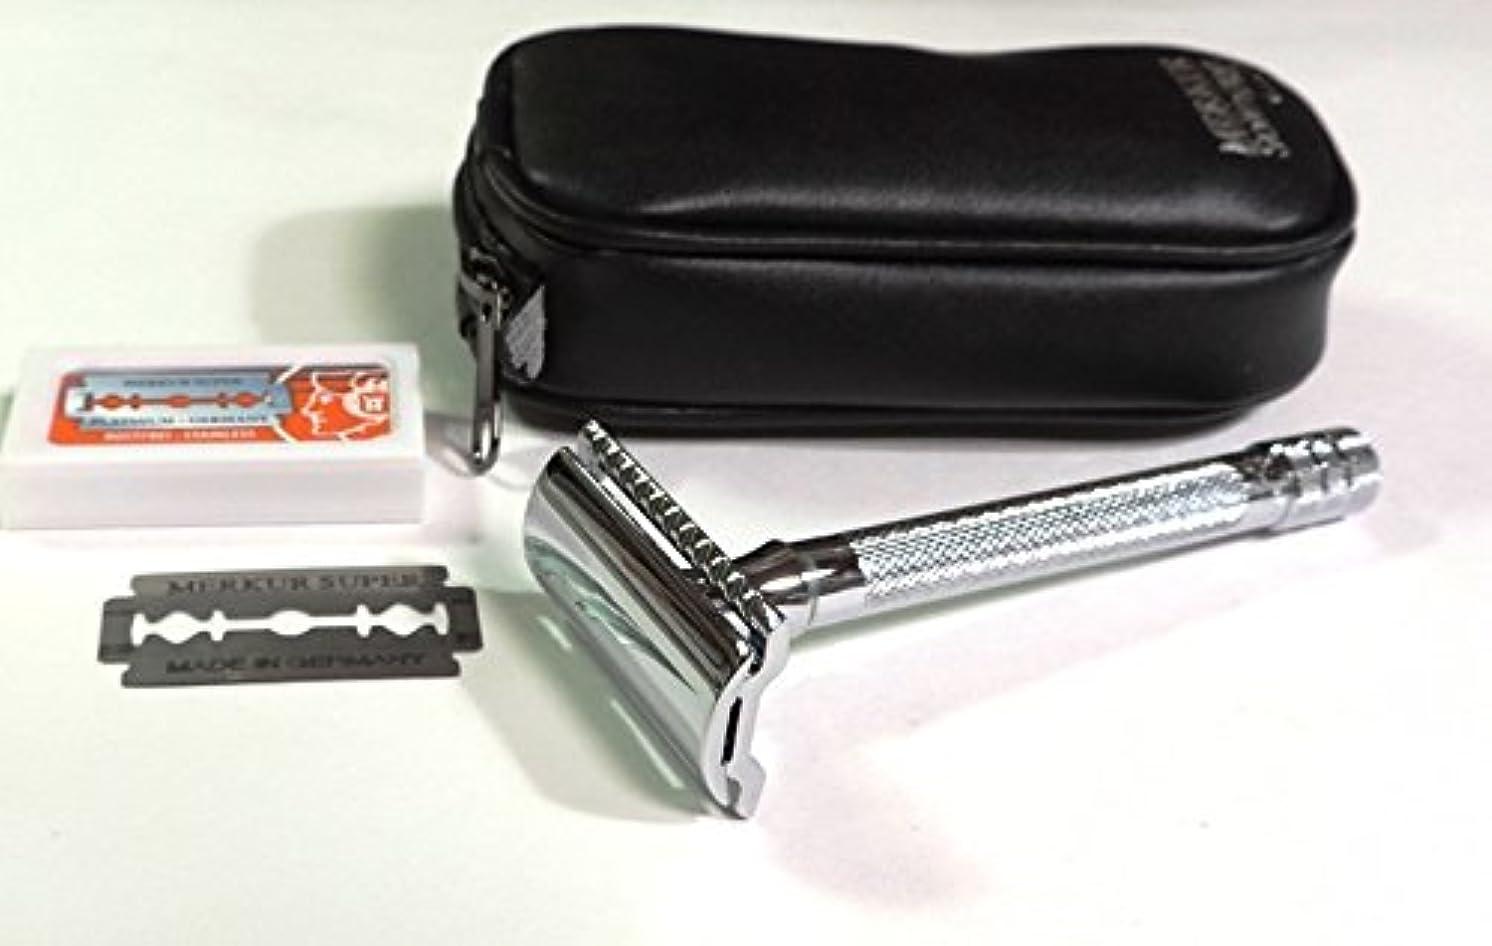 意気揚々ポットマイクロフォンゾーリンゲン メルクールMERKUR(独)髭剃り(ひげそり)両刃ホルダー23C 替刃11枚、携帯ポーチ付